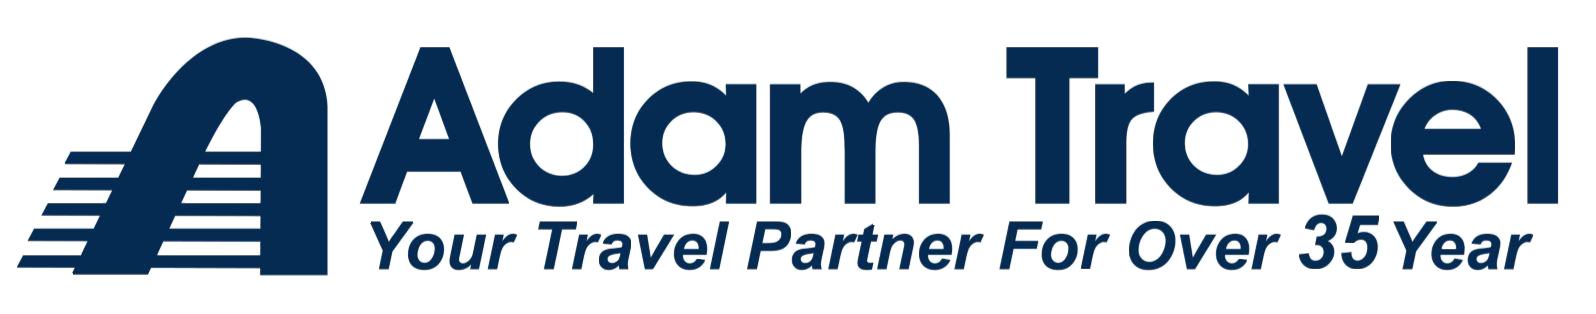 Adam travel